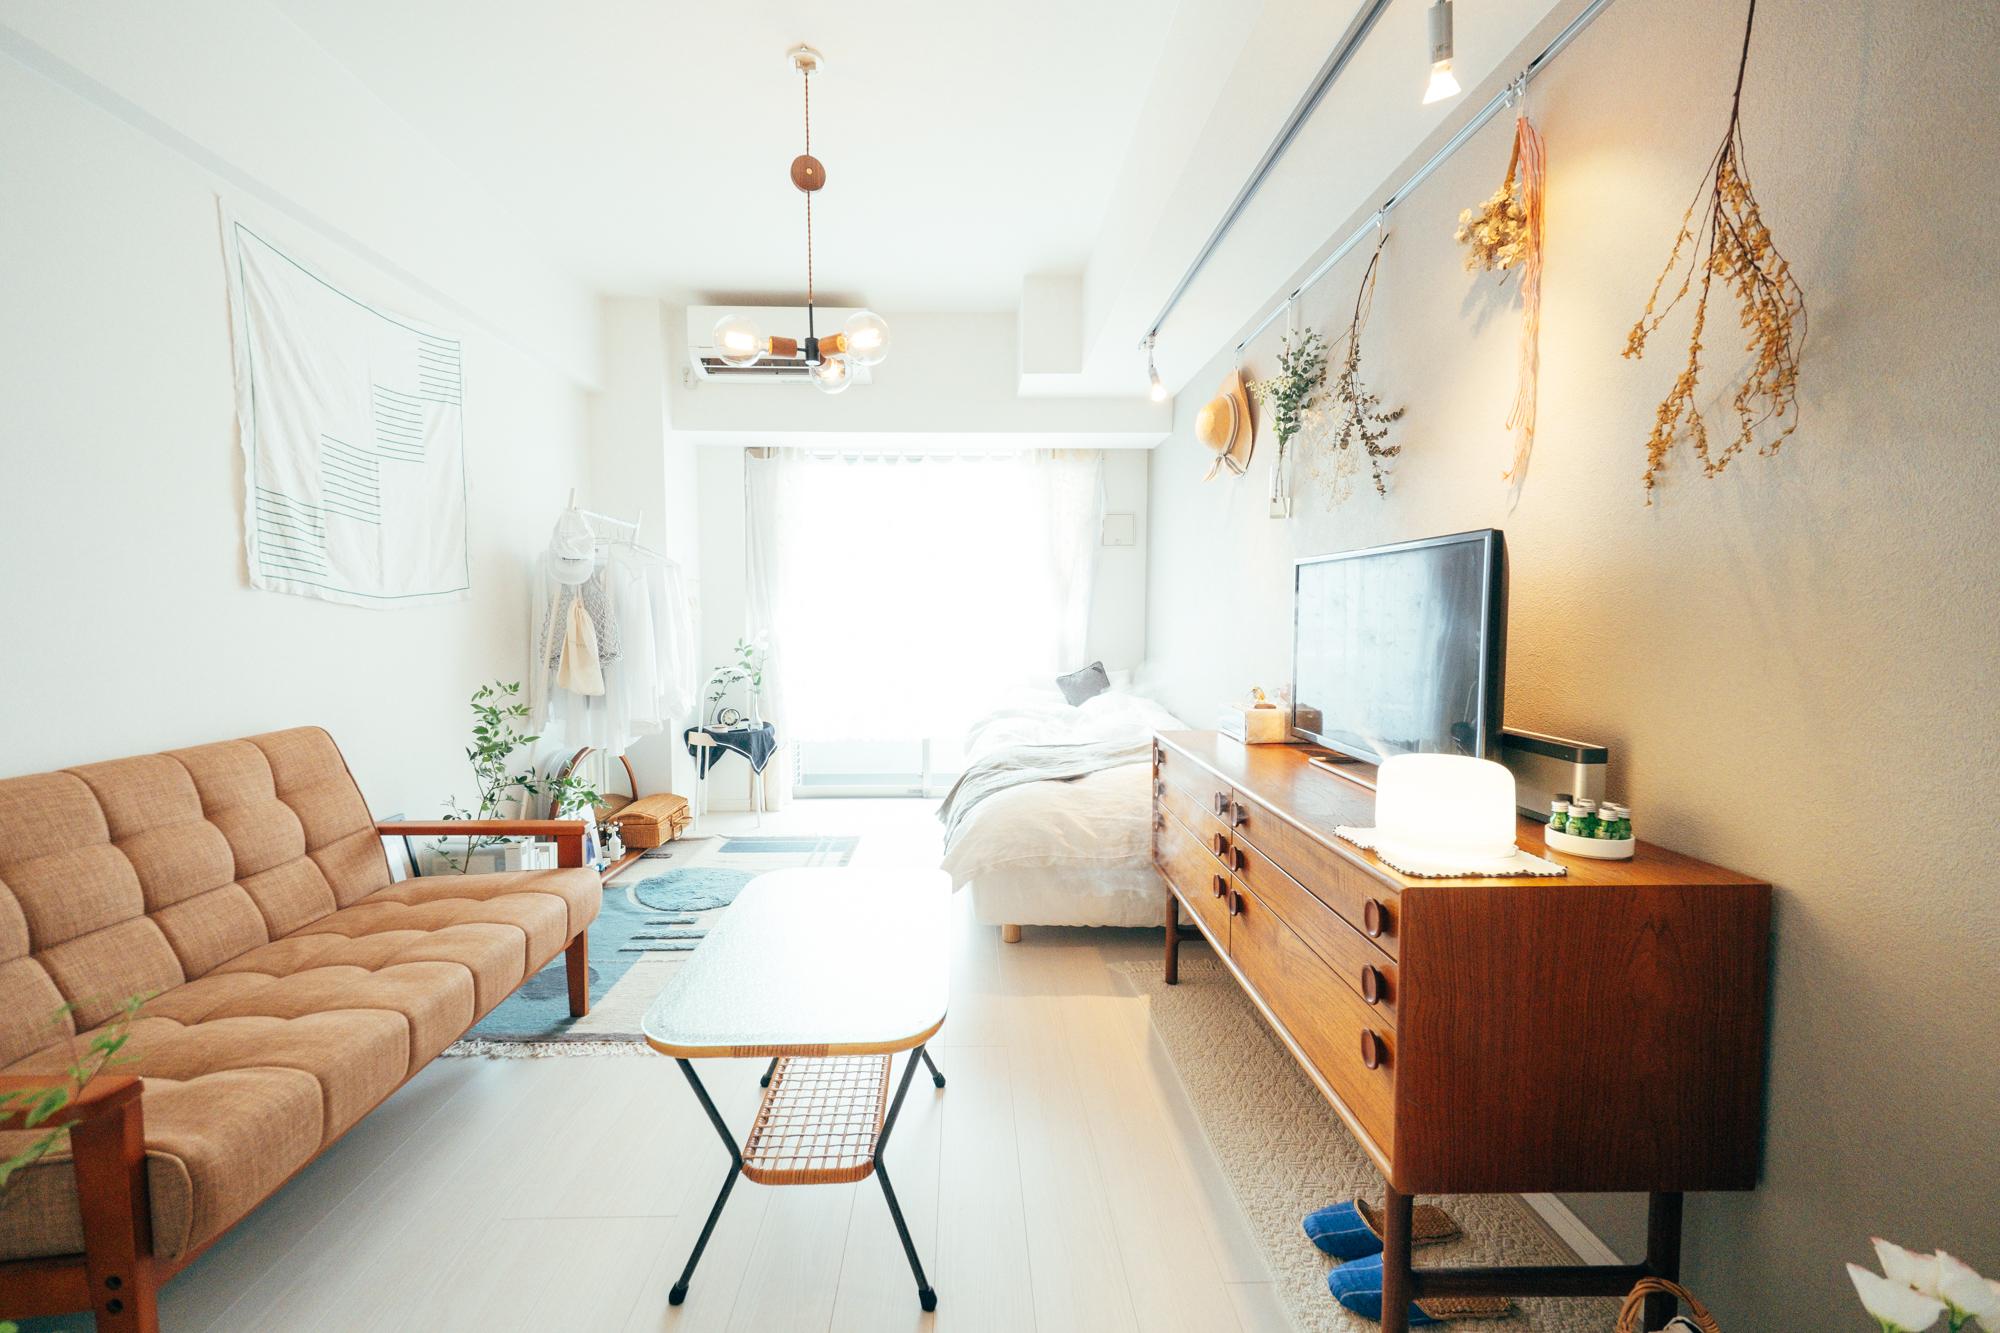 一人暮らしを初めて半年弱というmnmiiさん。8.3畳のお部屋は白が基調で、お部屋の主たる色として大きな役割を果たしている茶系統の色合いは、木製のインテリアでも木々の色合いを精選したものだそう。